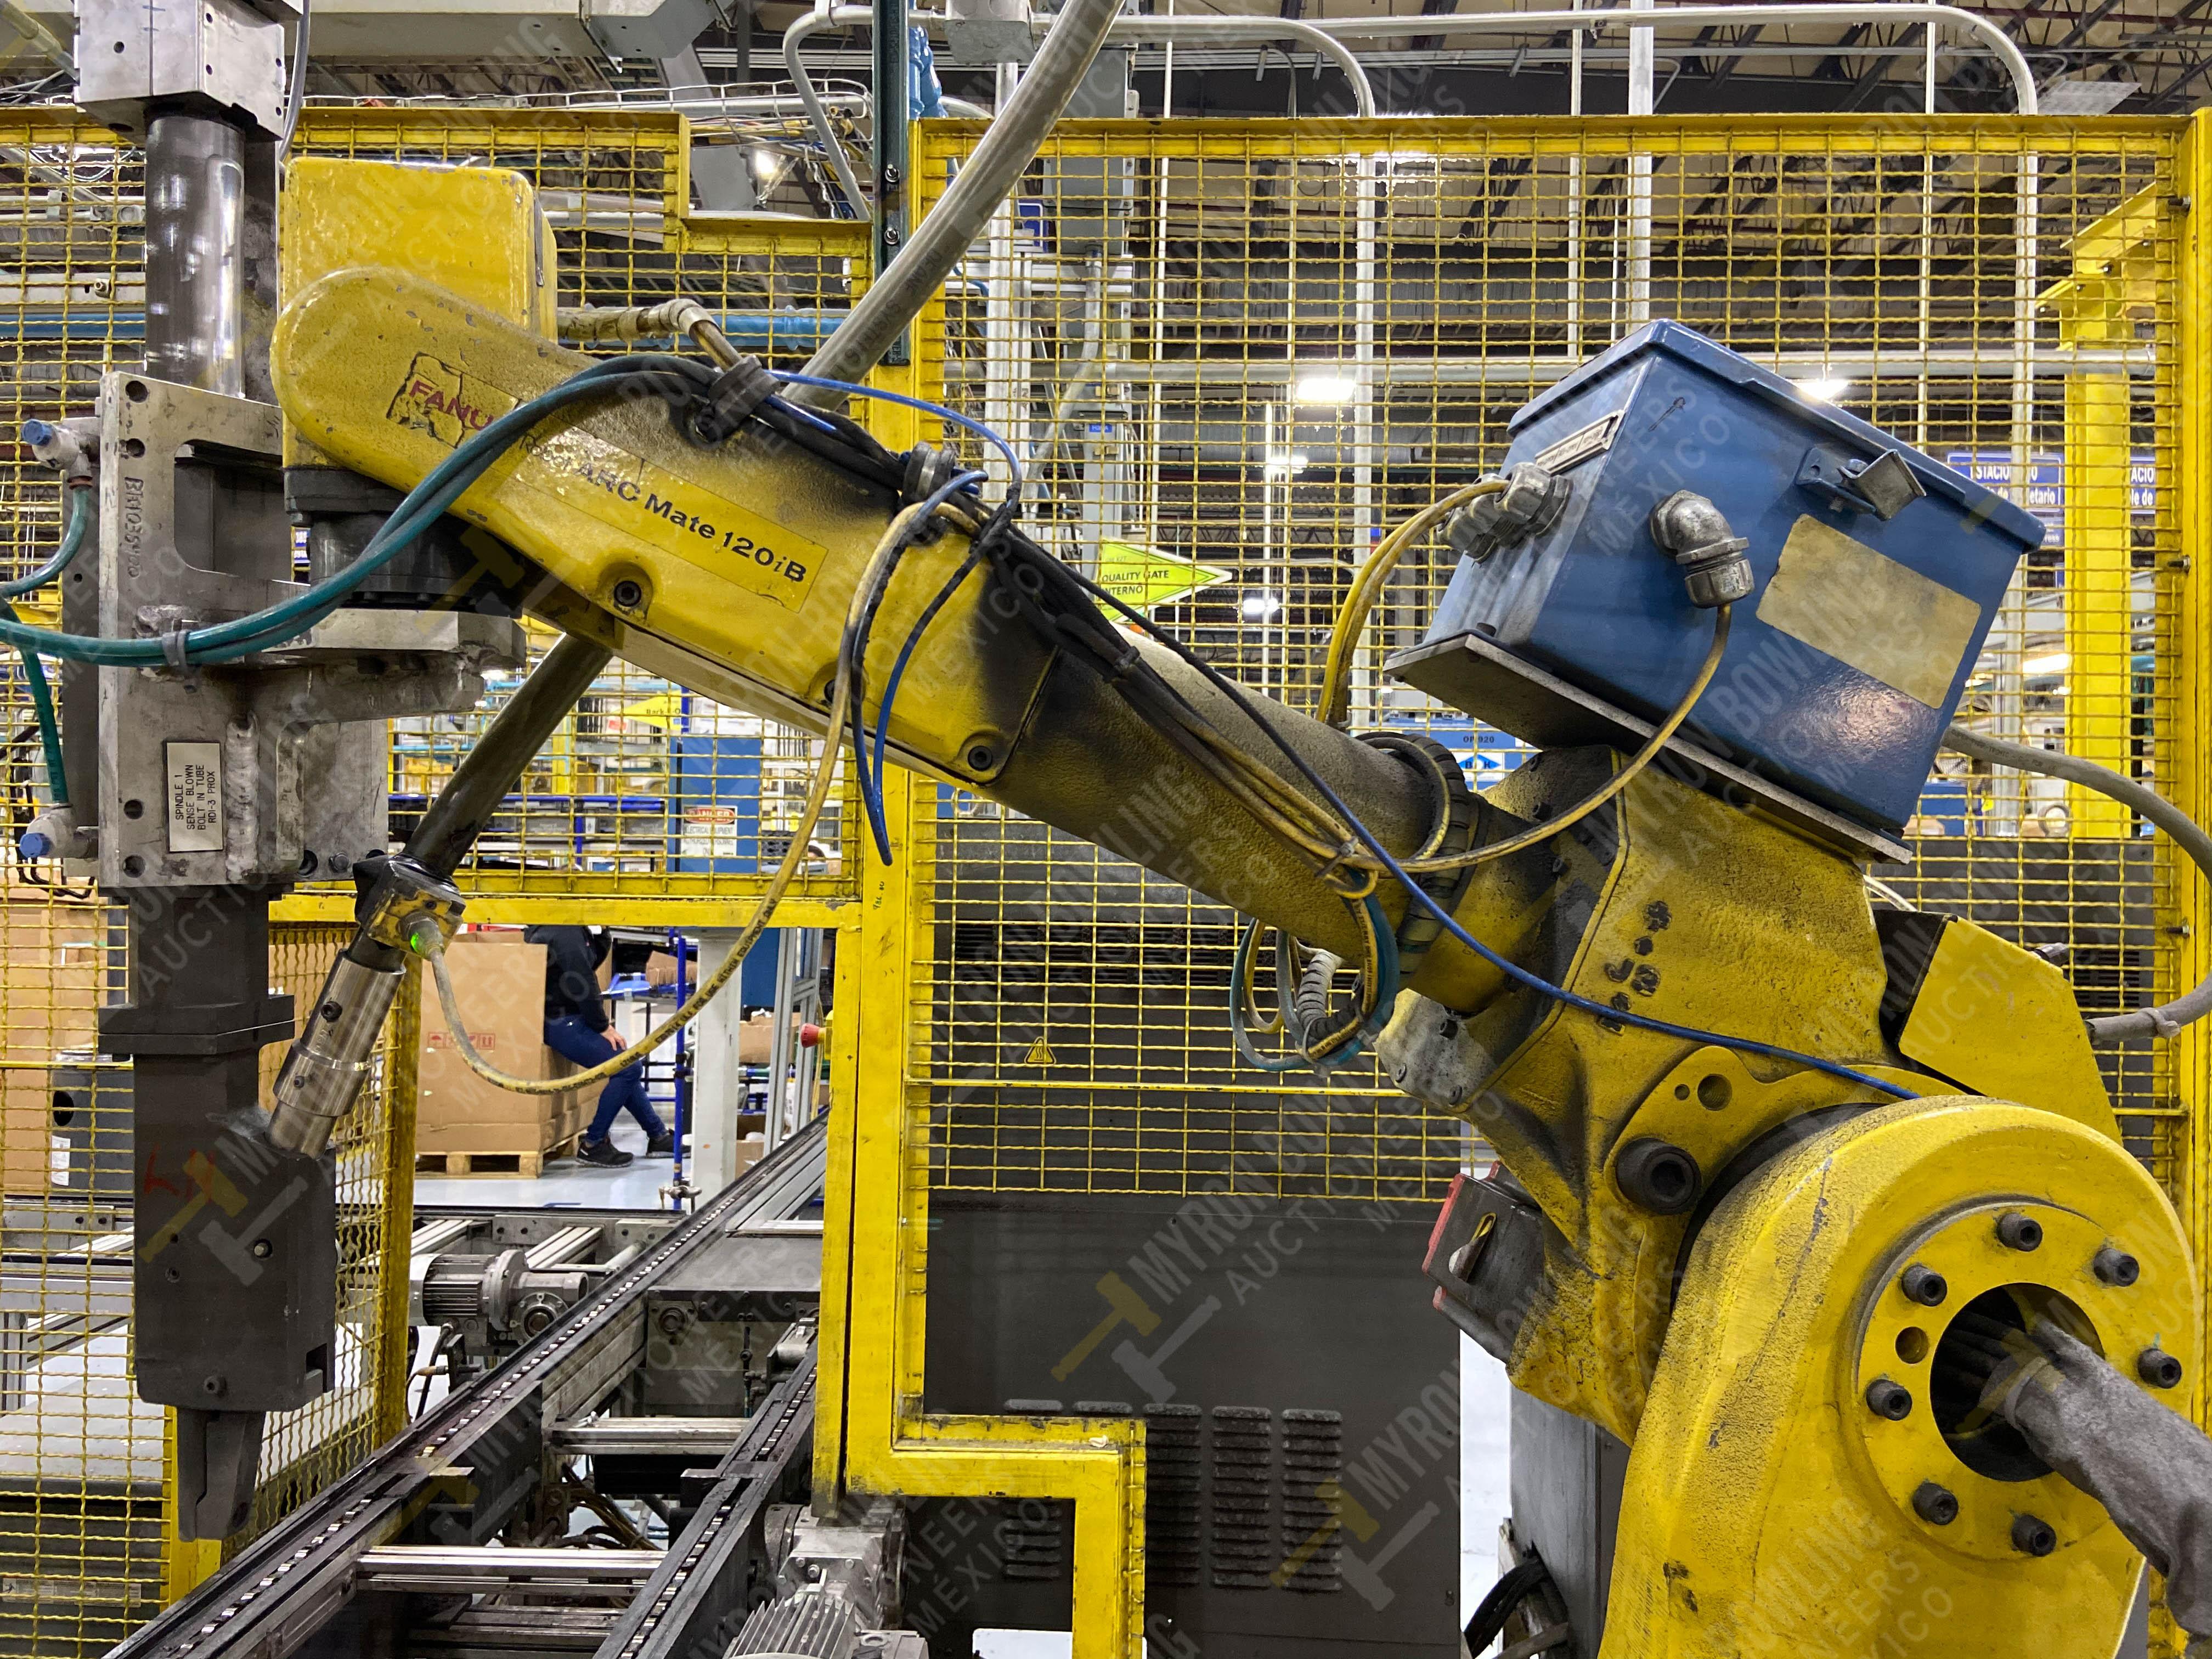 Robot con capacidad de carga de 15-30 Kg, controlador de robot y teach pendant - Image 4 of 17